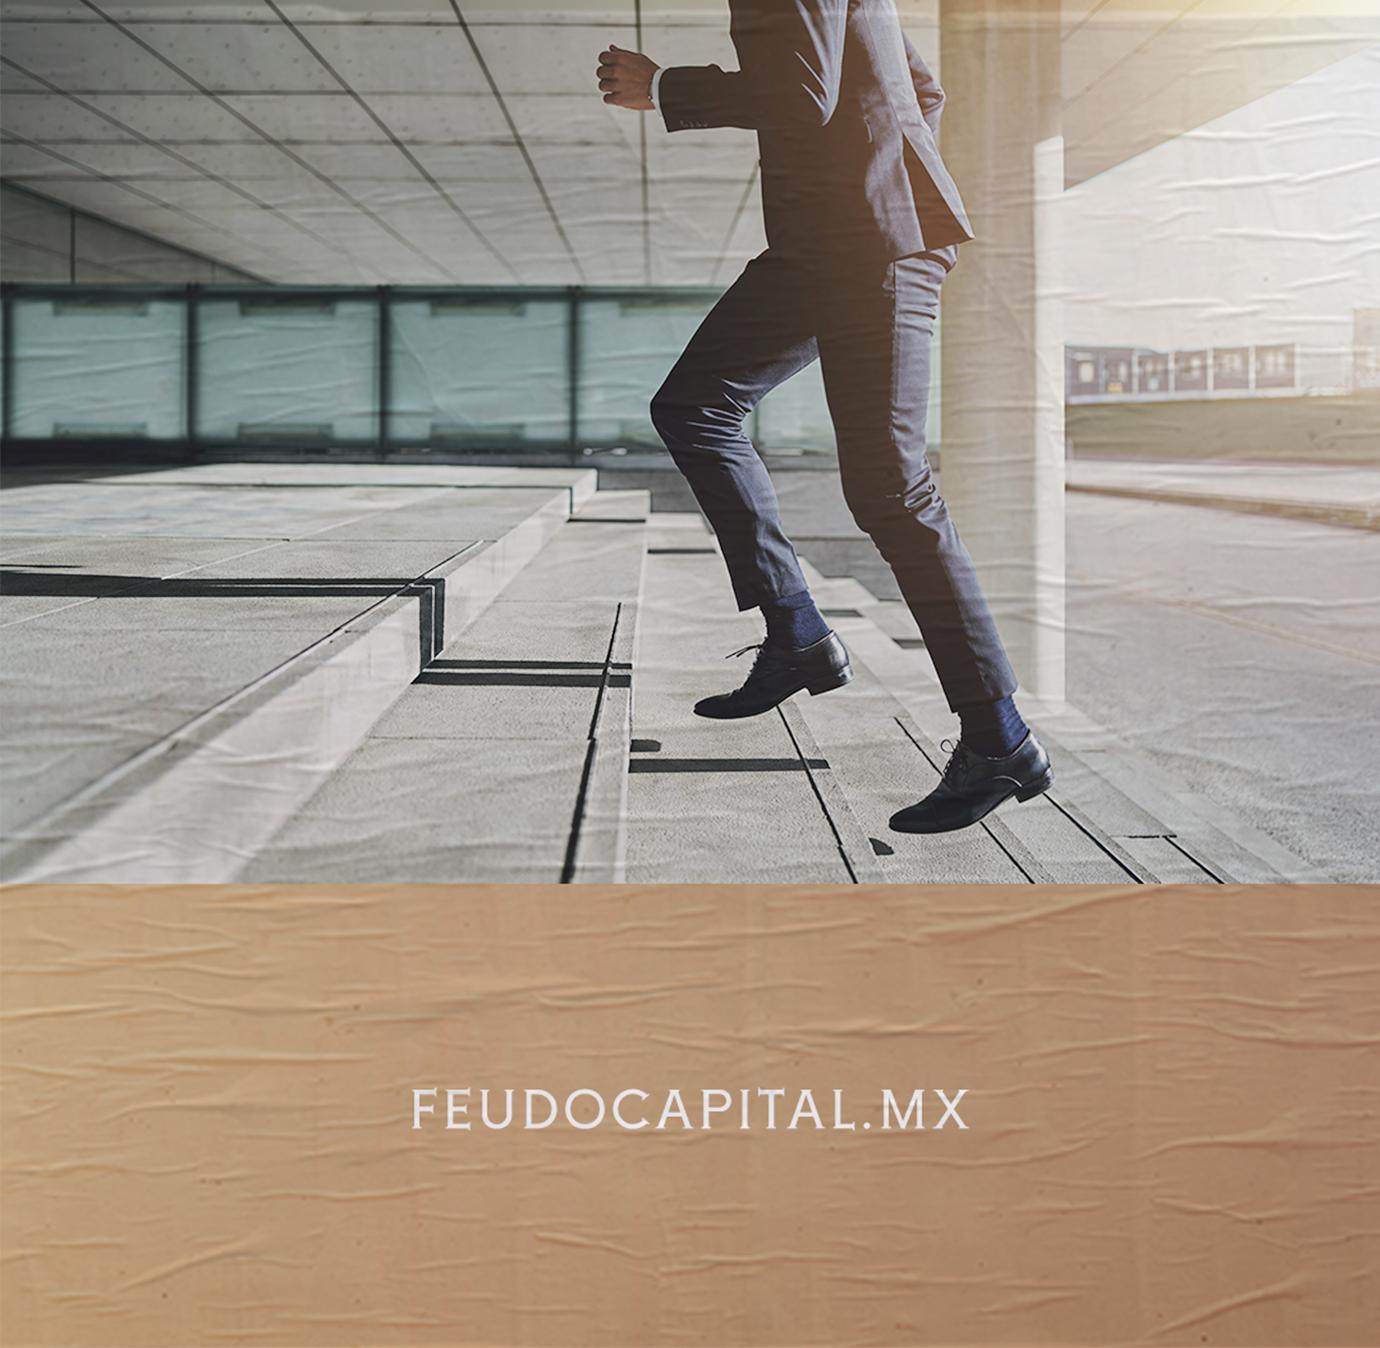 fb06-feudo-capital-yoenpaperland